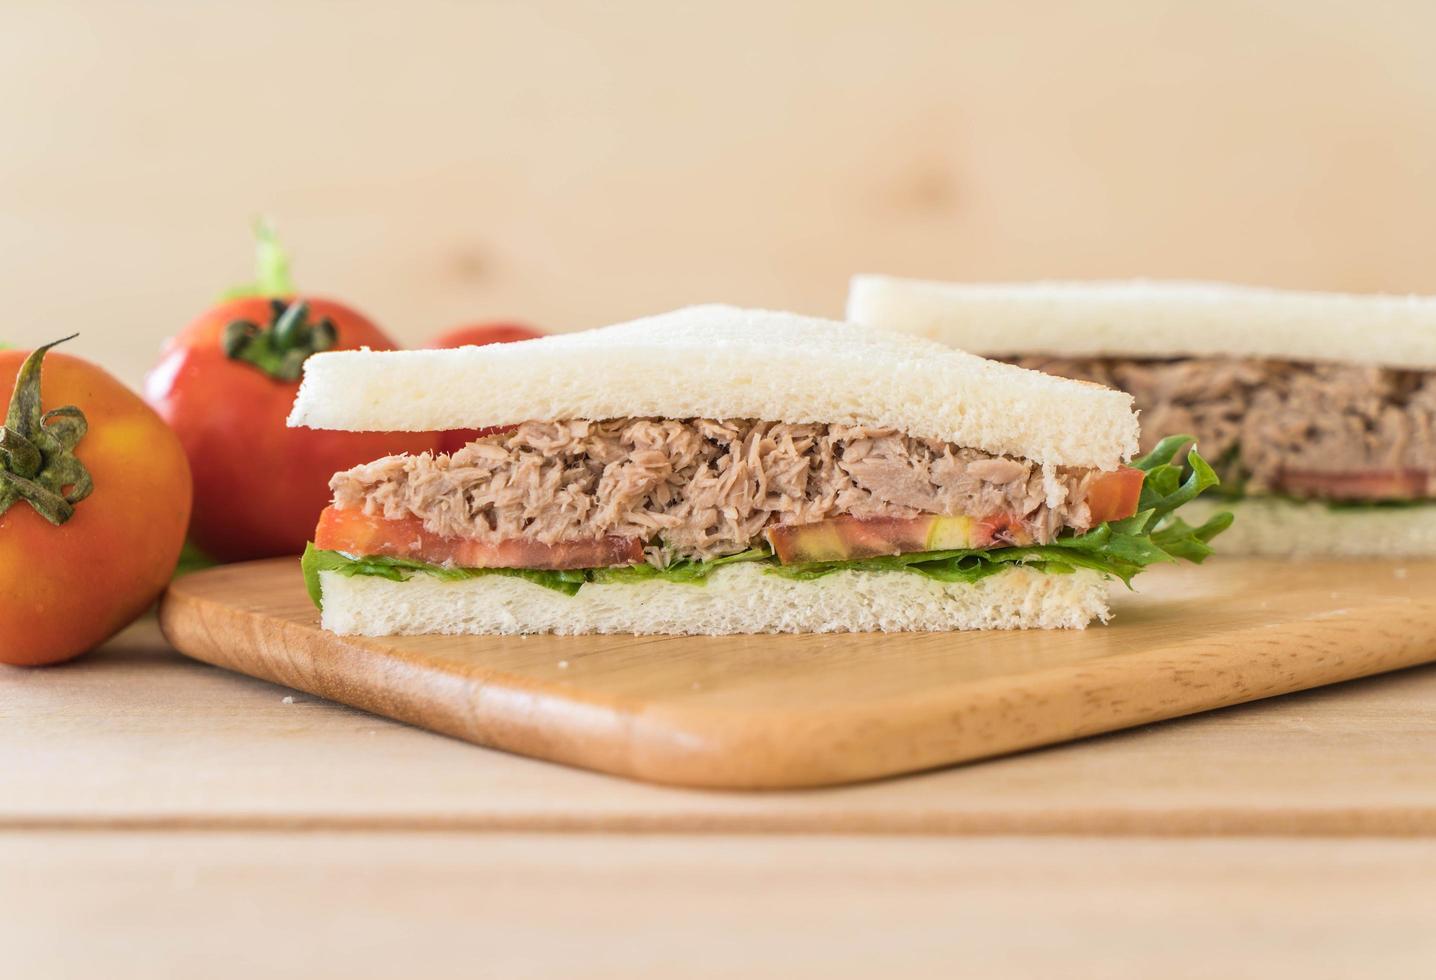 Nahaufnahme eines Thunfischsandwiches auf einem Schneidebrett foto